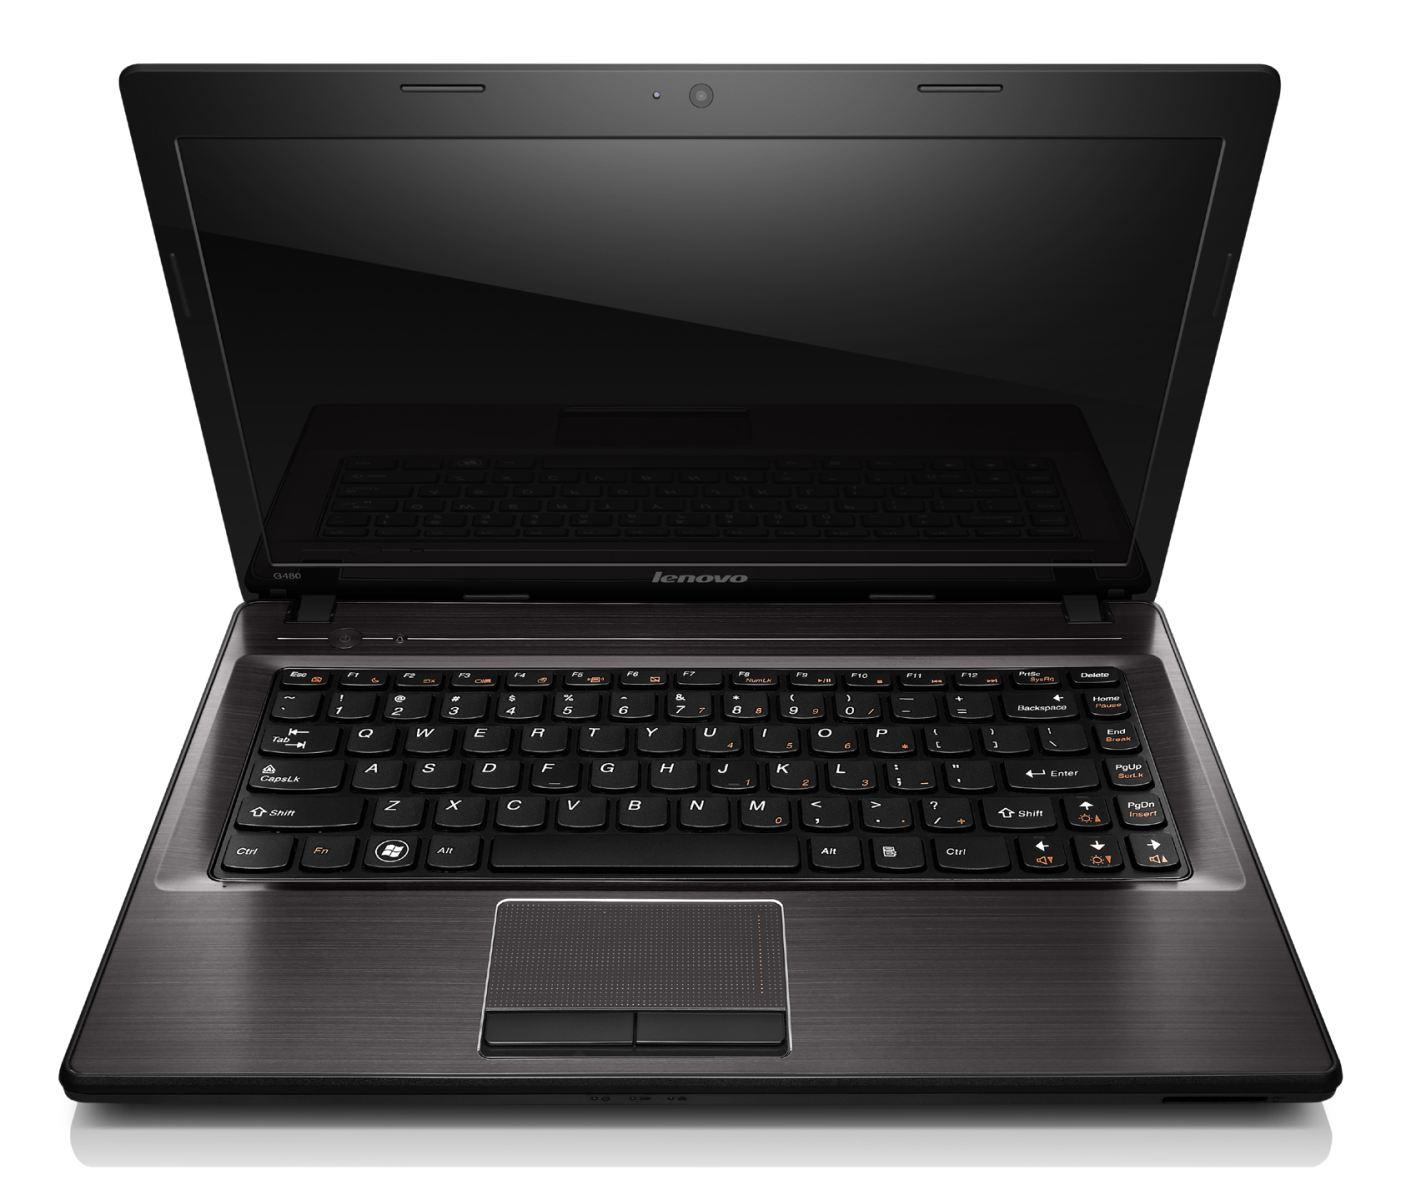 Lenovo G480 thuộc dòng Lenovo Essential